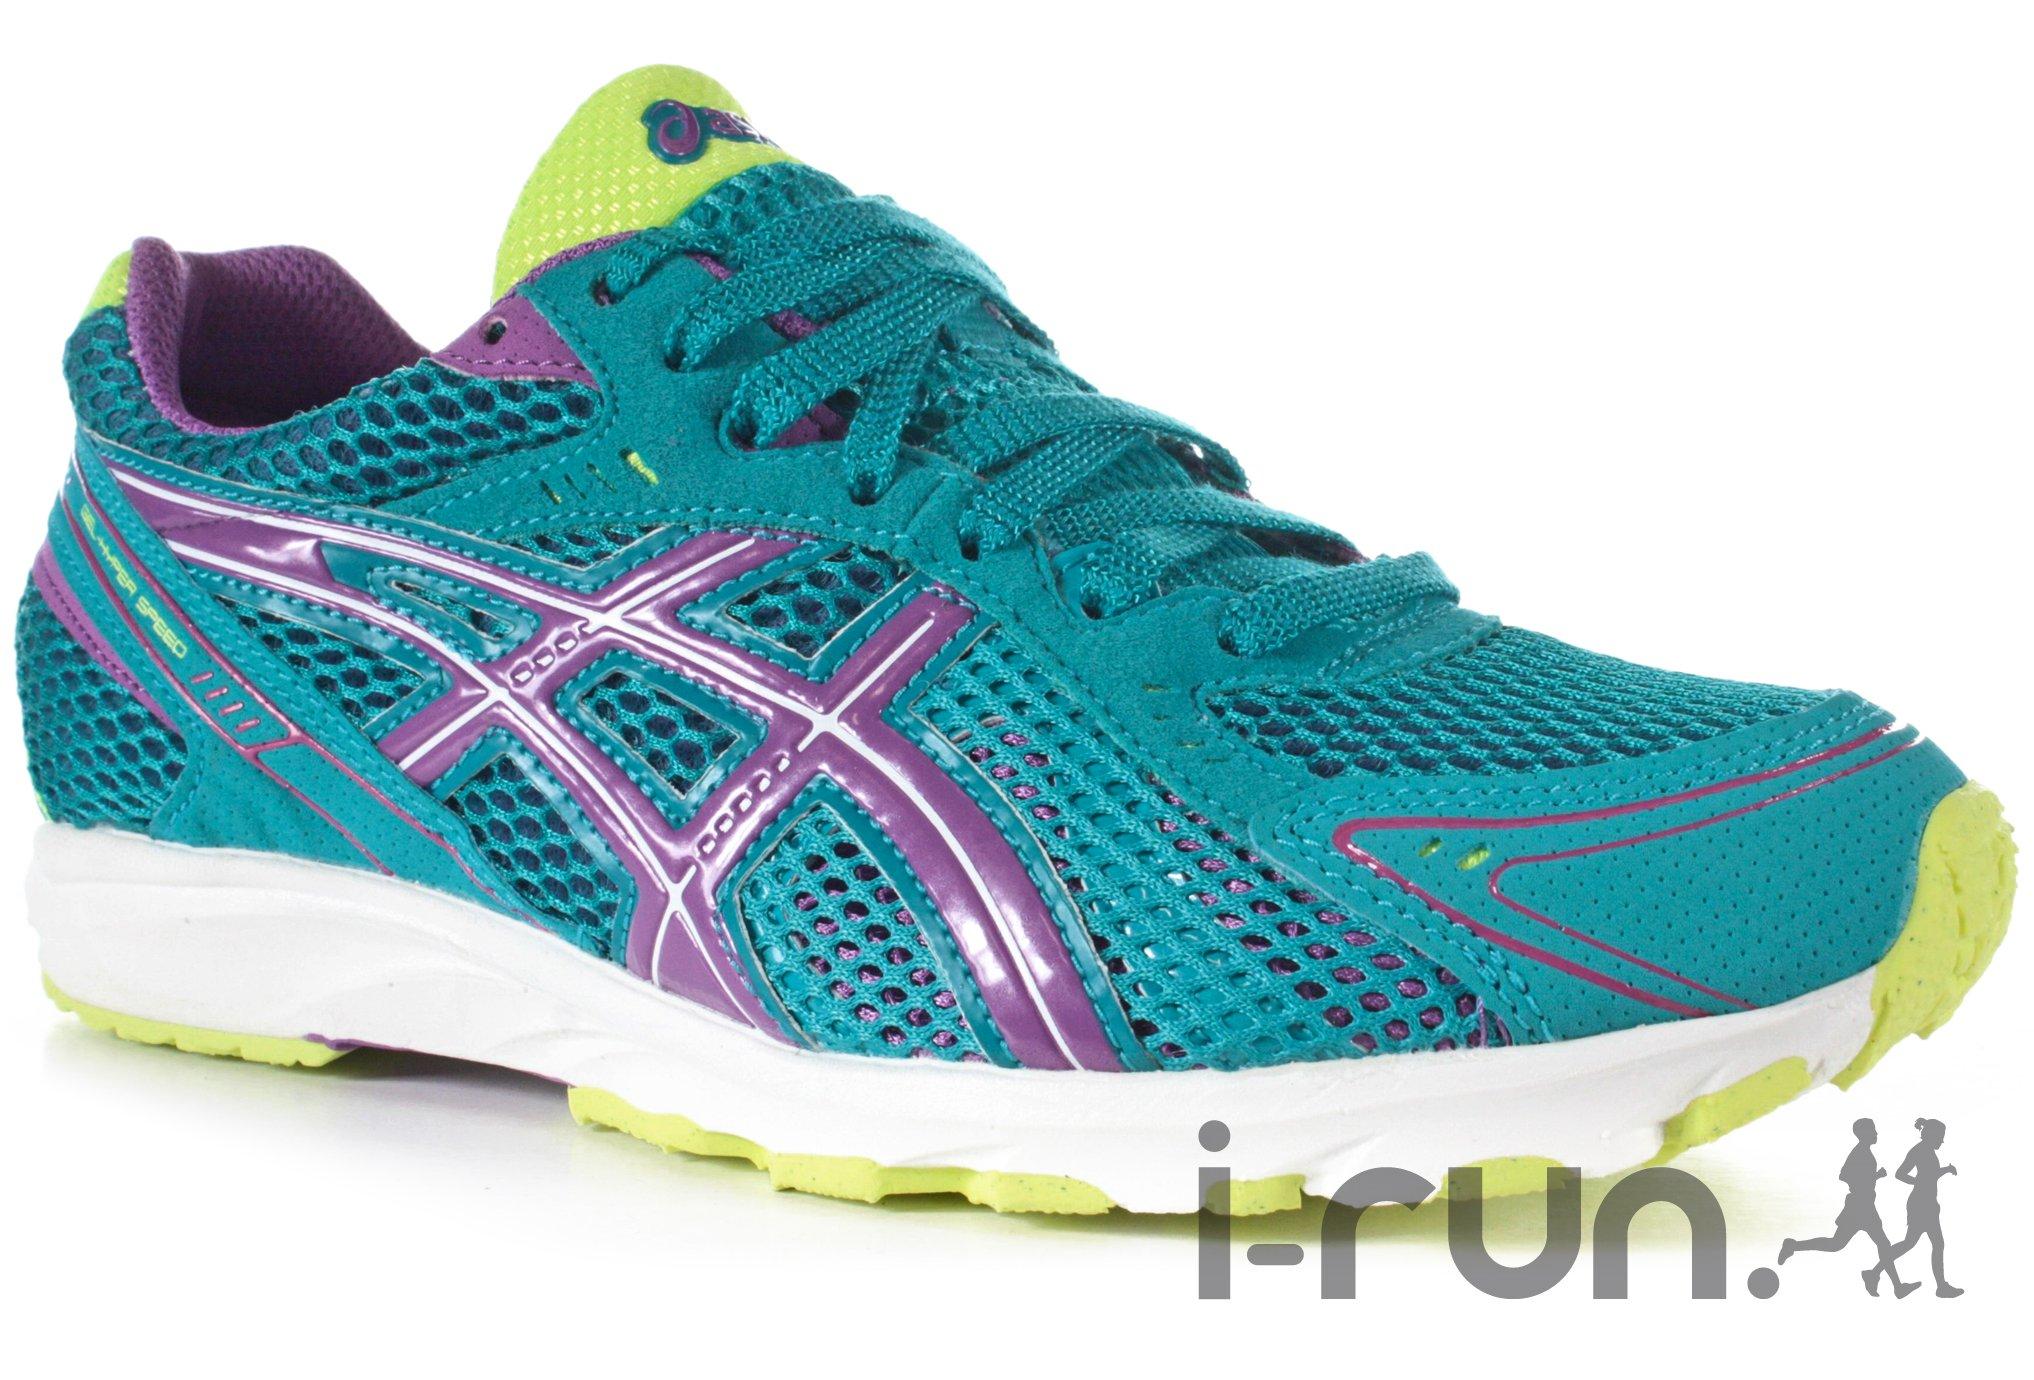 meet f40c4 e8e25 ... asics gel hyper speed 5 w chaussures running femme 23150 0 sz